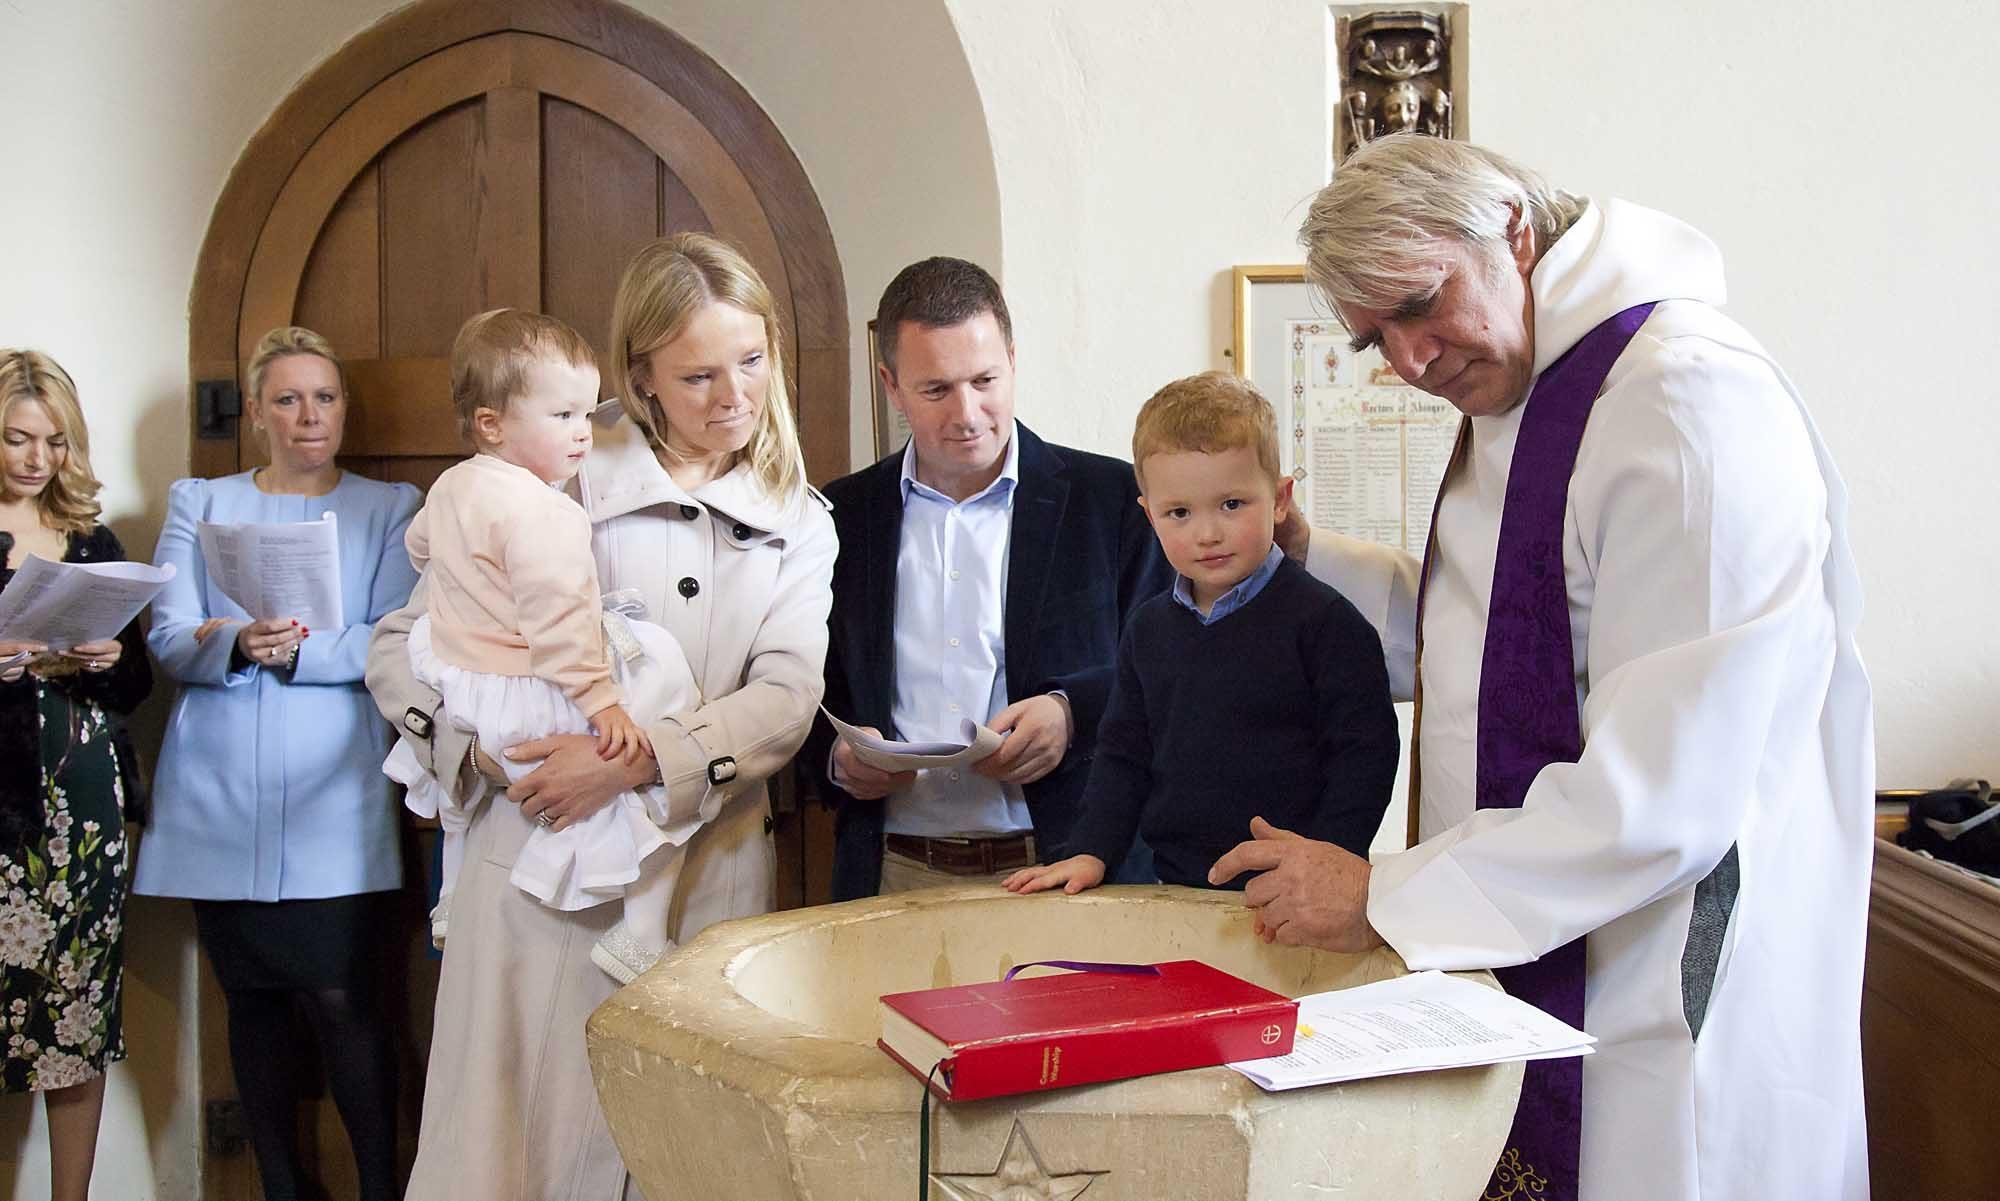 phillips christening_010315_1529